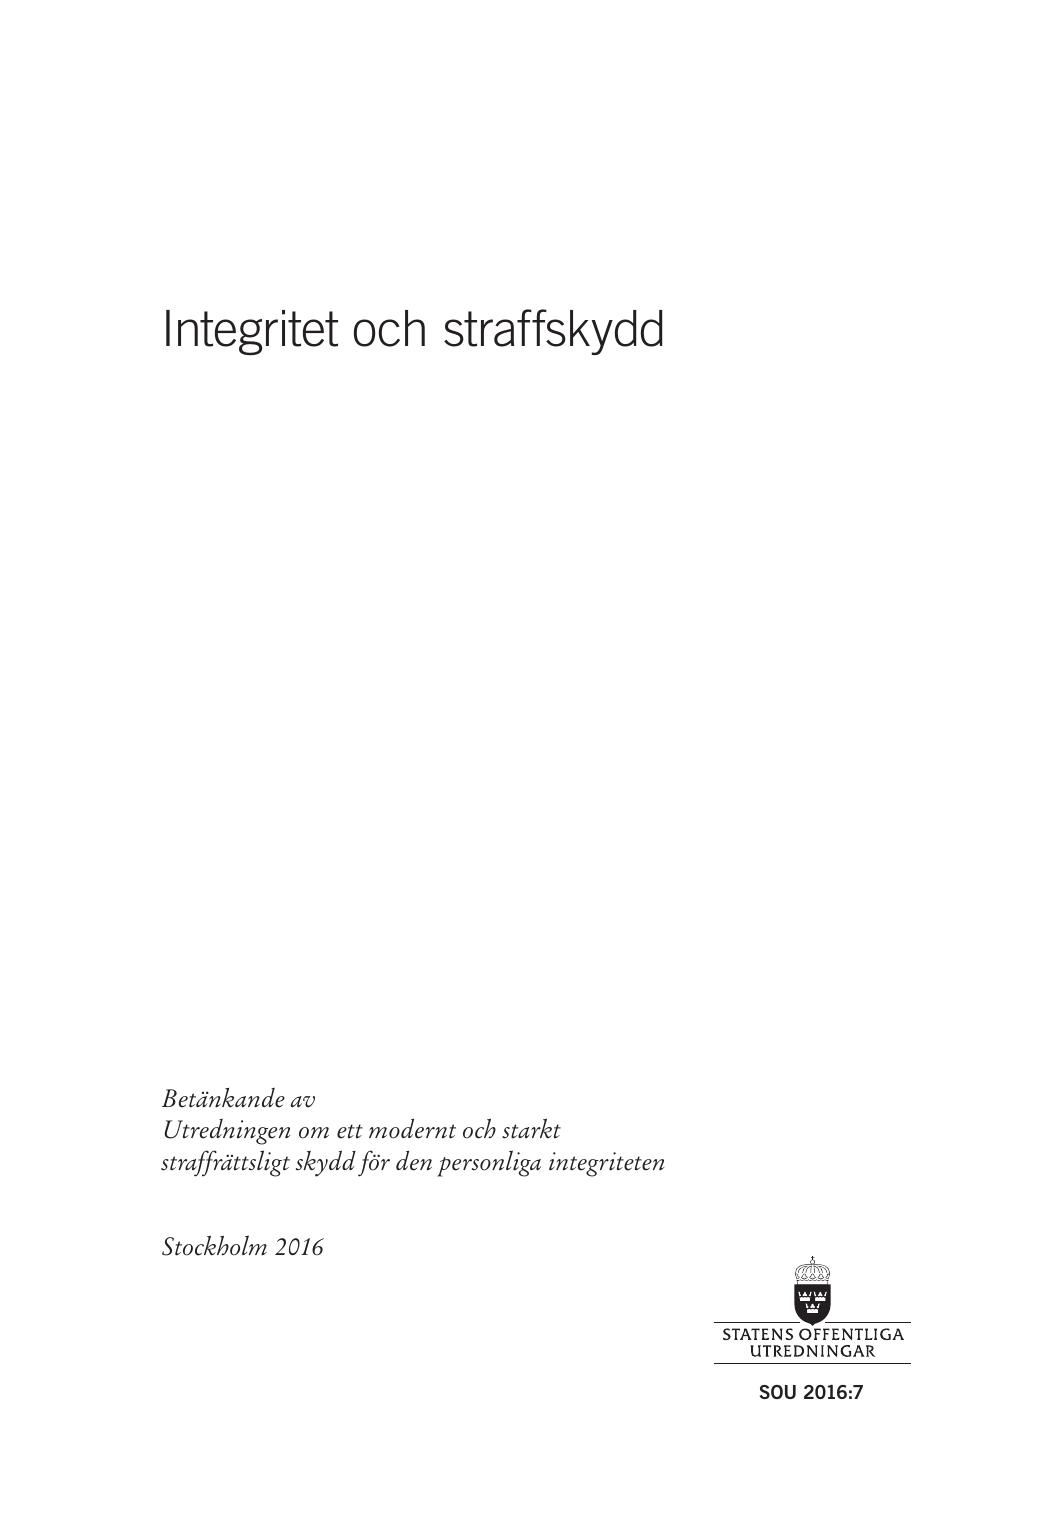 Nu tror jag personligen inte att porr i gemen skadar barnen, mer då att de får finns det sexuellt utmanande bilder på svenska tonåringar.